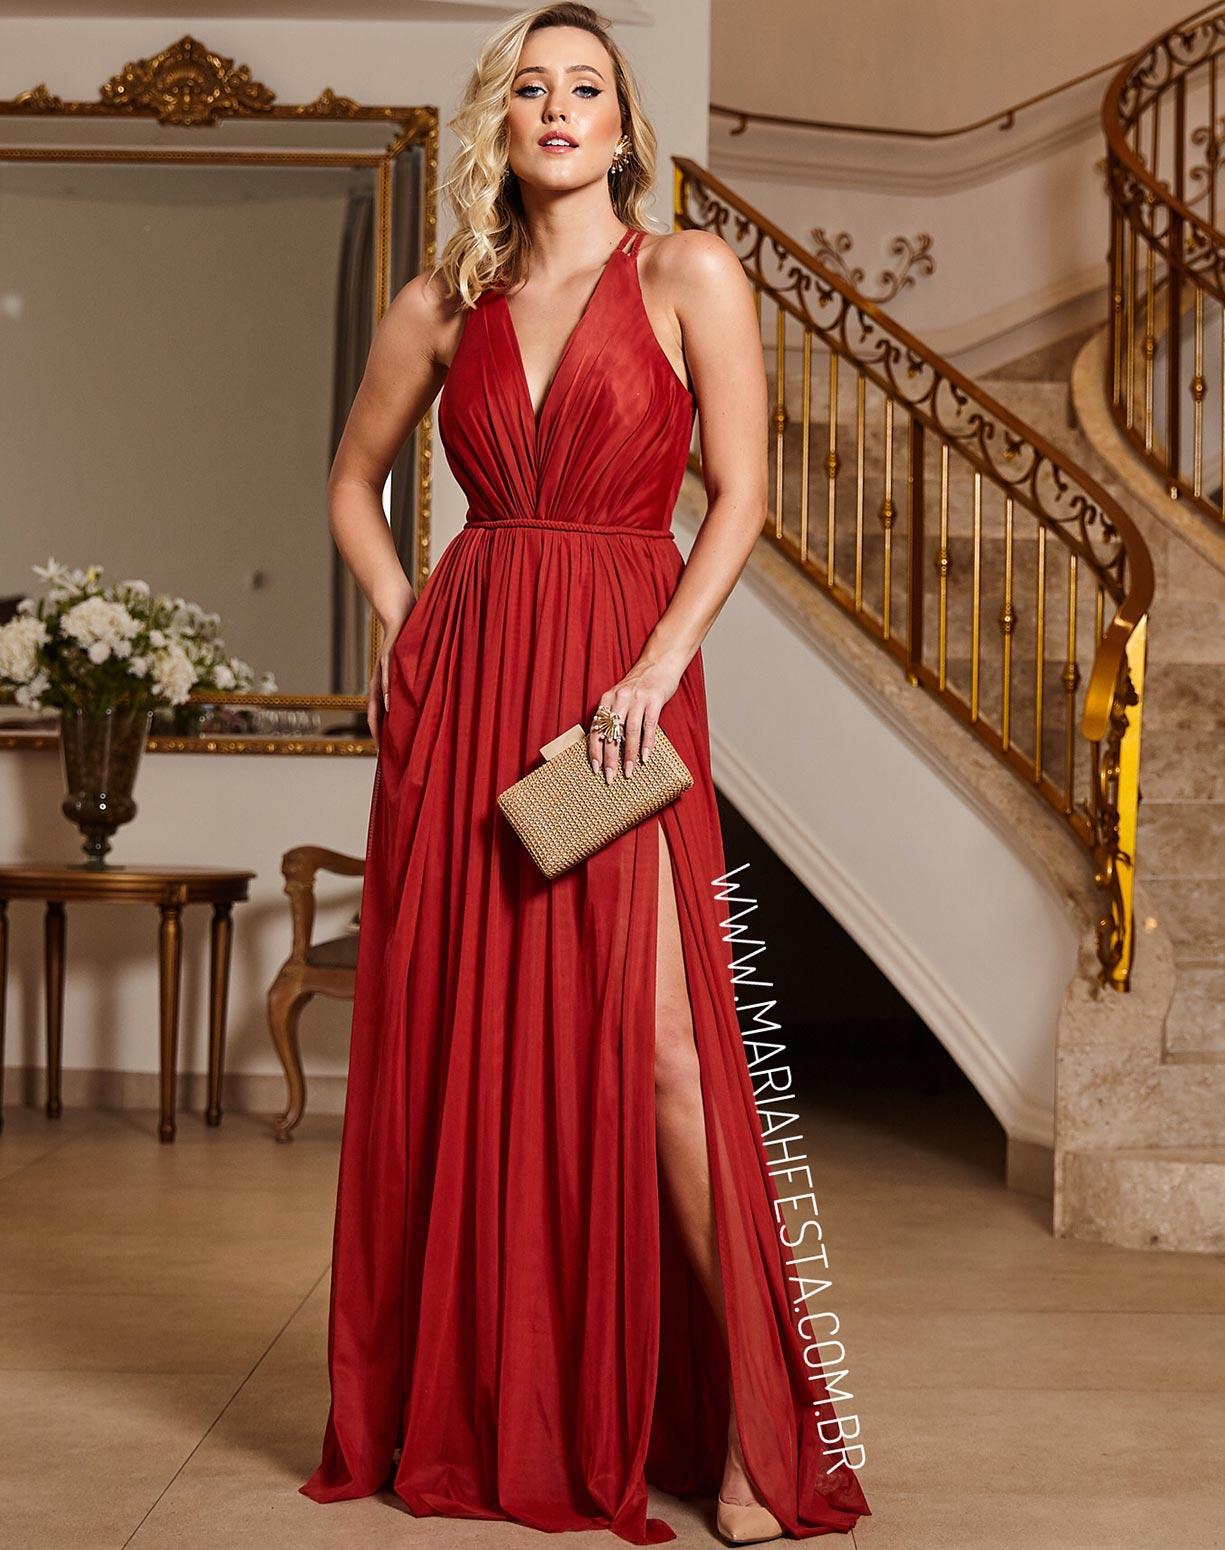 Vestido Terracota (avermelhado) em Tule com Duas Fendas